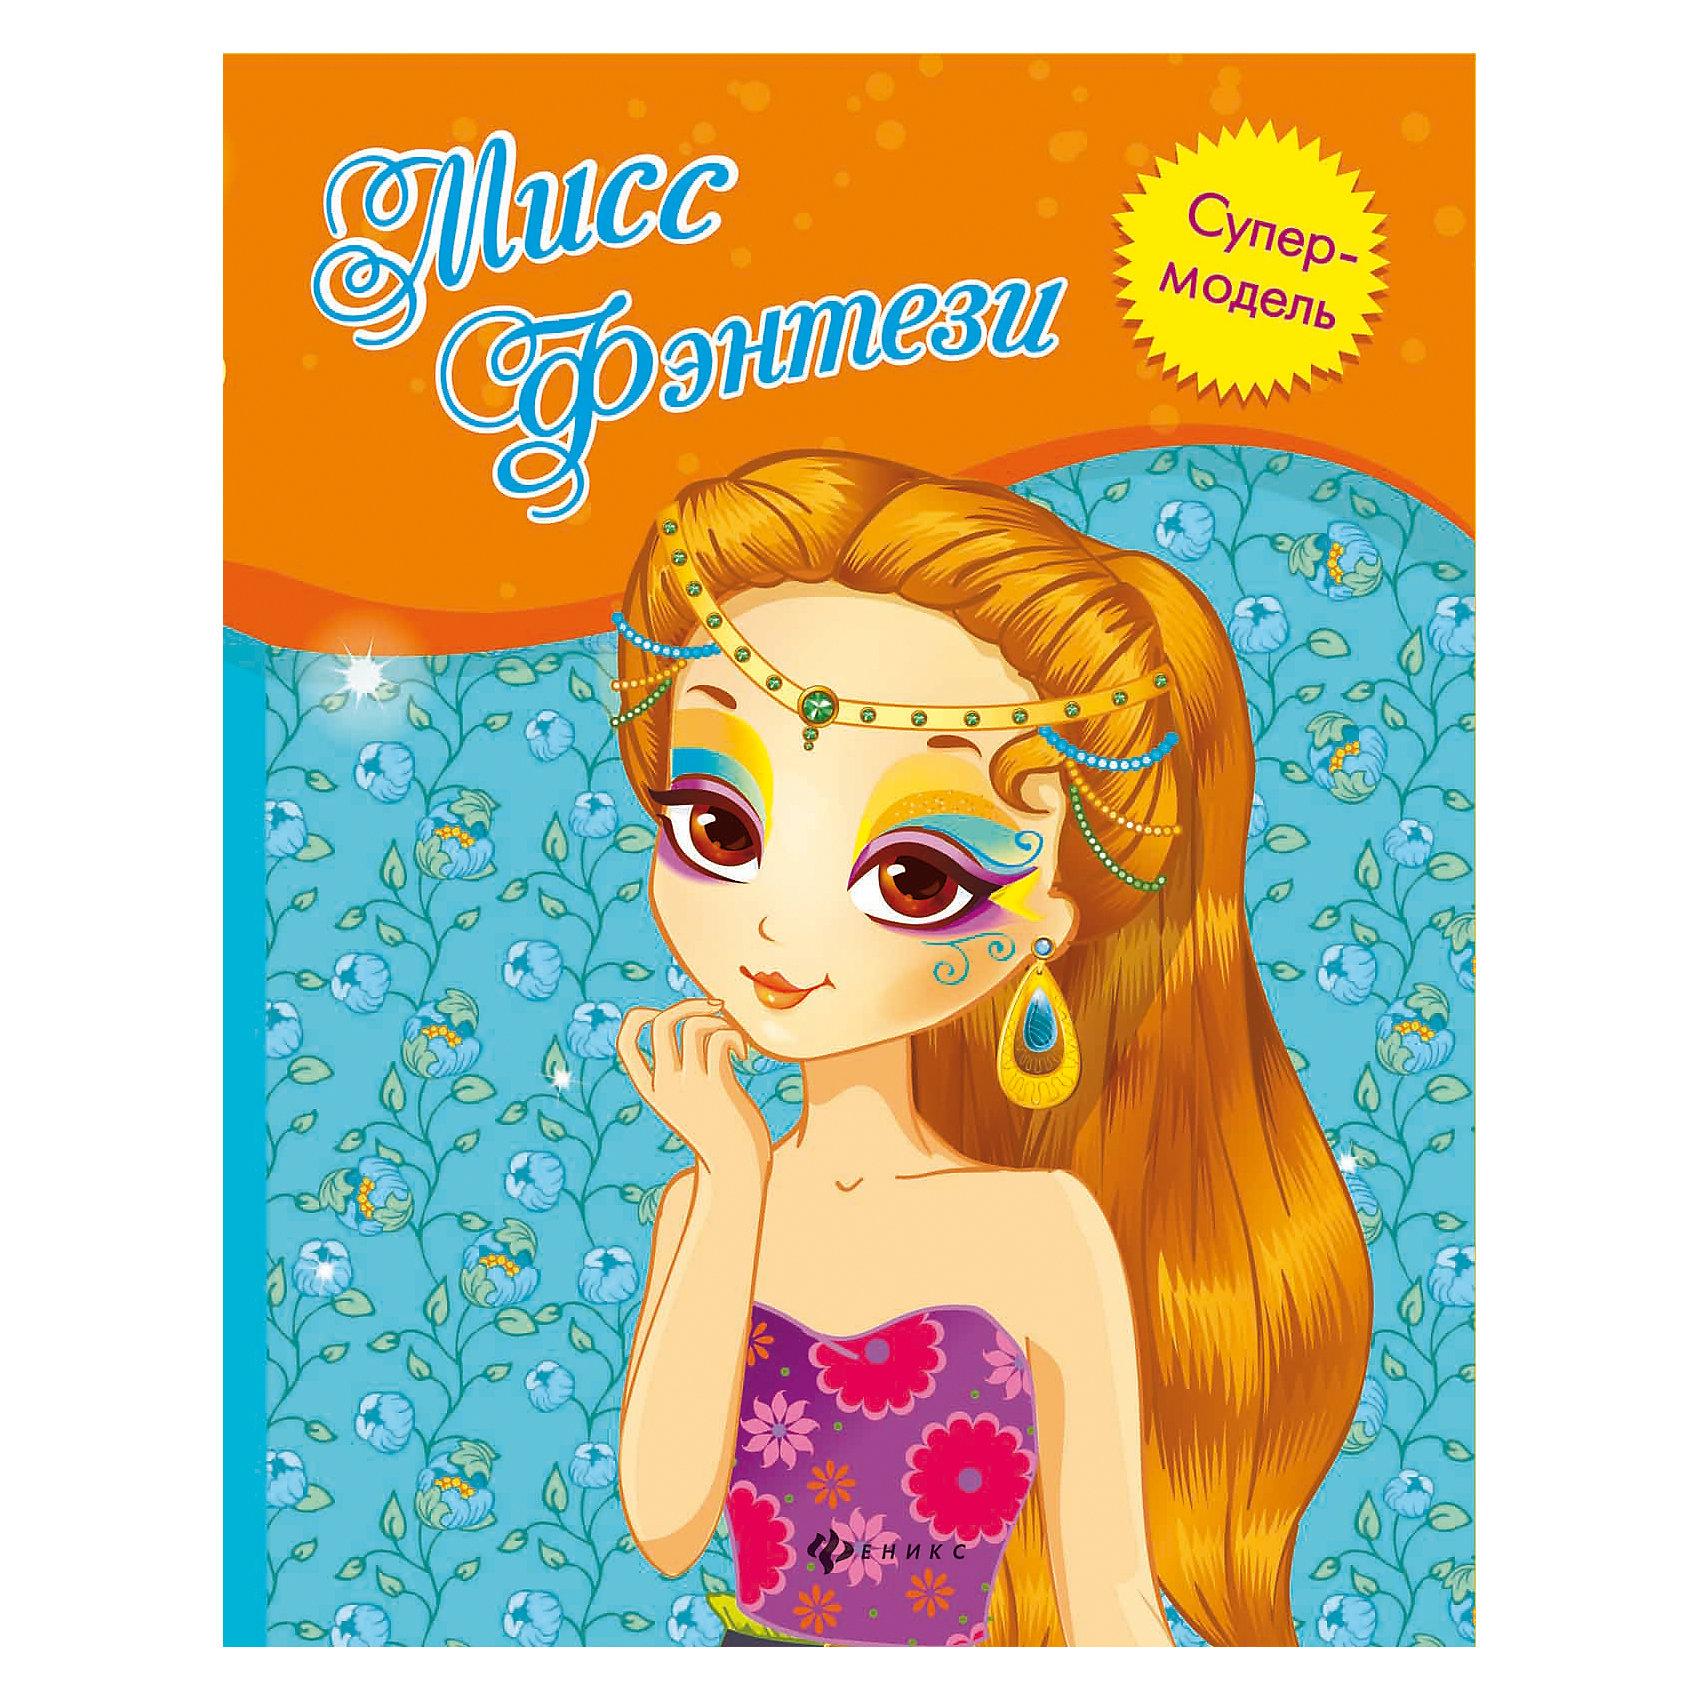 Раскраска Мисс Фэнтези, 2-е изданиеРисование<br>Раскраска Мисс Фэнтези, 2-е издание<br><br>Характеристики: <br><br>• Кол-во страниц: 8<br>• ISBN: 9785222269282<br>• Возраст: 0+<br>• Обложка: мягкая<br>• Формат: а4<br><br>Эта увлекательная раскраска позволит не только весело провести время за созданием ярких иллюстраций, но и расскажет нечто новое о стиле и модных образах. Так же, благодаря занятиям с этой книгой, ребенок  сможет развить мелкую моторику и творческий подход.<br><br>Раскраска Мисс Фэнтези, 2-е издание можно купить в нашем интернет-магазине.<br><br>Ширина мм: 259<br>Глубина мм: 199<br>Высота мм: 10<br>Вес г: 38<br>Возраст от месяцев: -2147483648<br>Возраст до месяцев: 2147483647<br>Пол: Женский<br>Возраст: Детский<br>SKU: 5464515